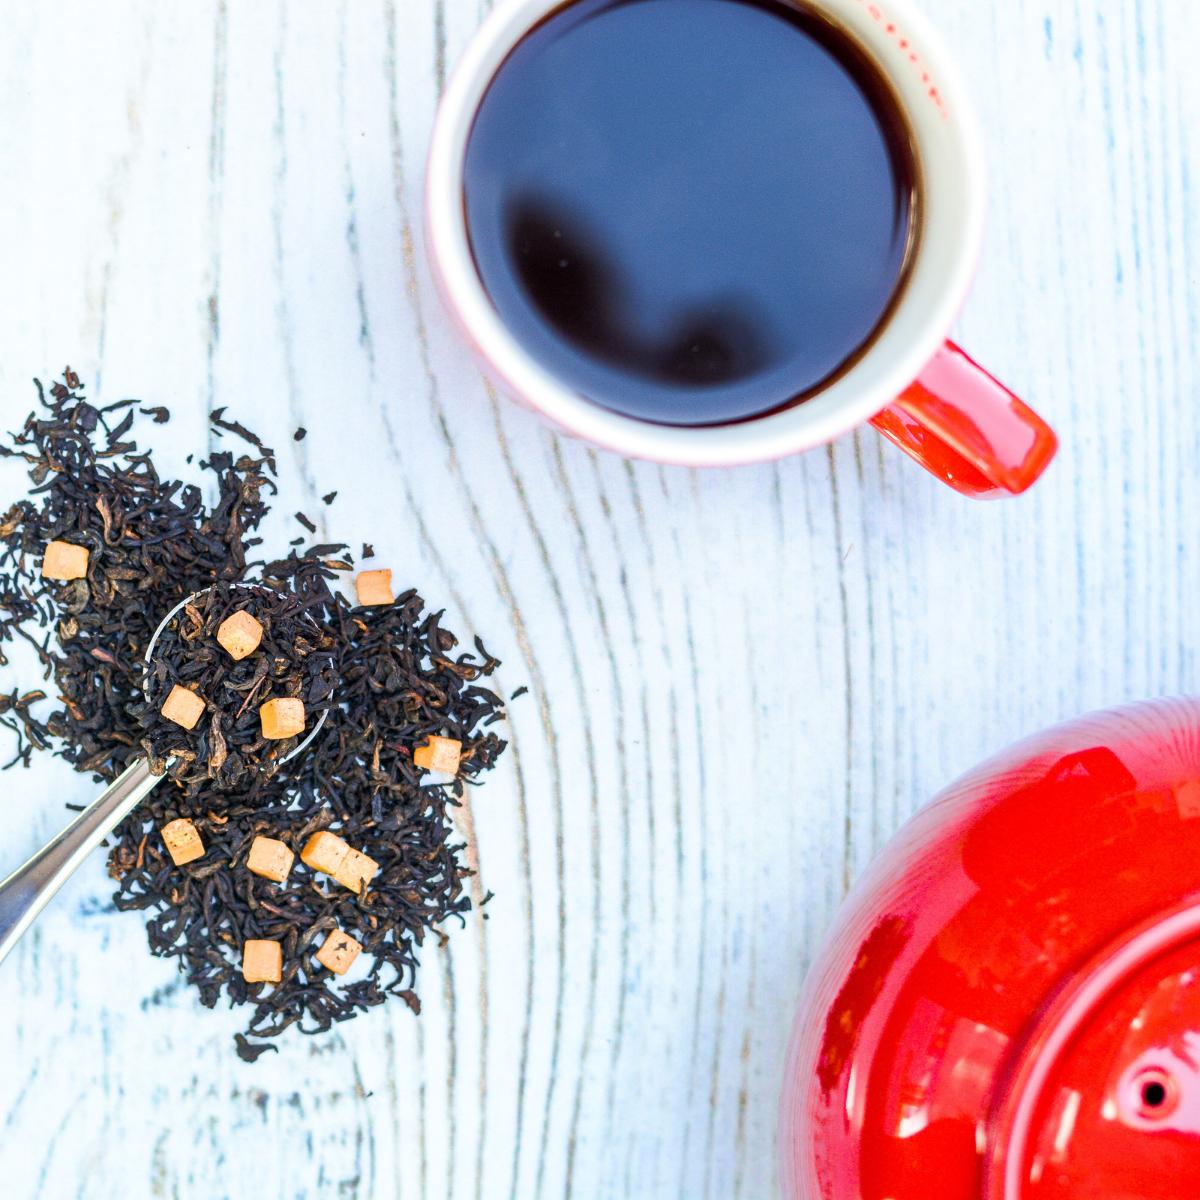 Imagem - 10 razões para amar um bom chá